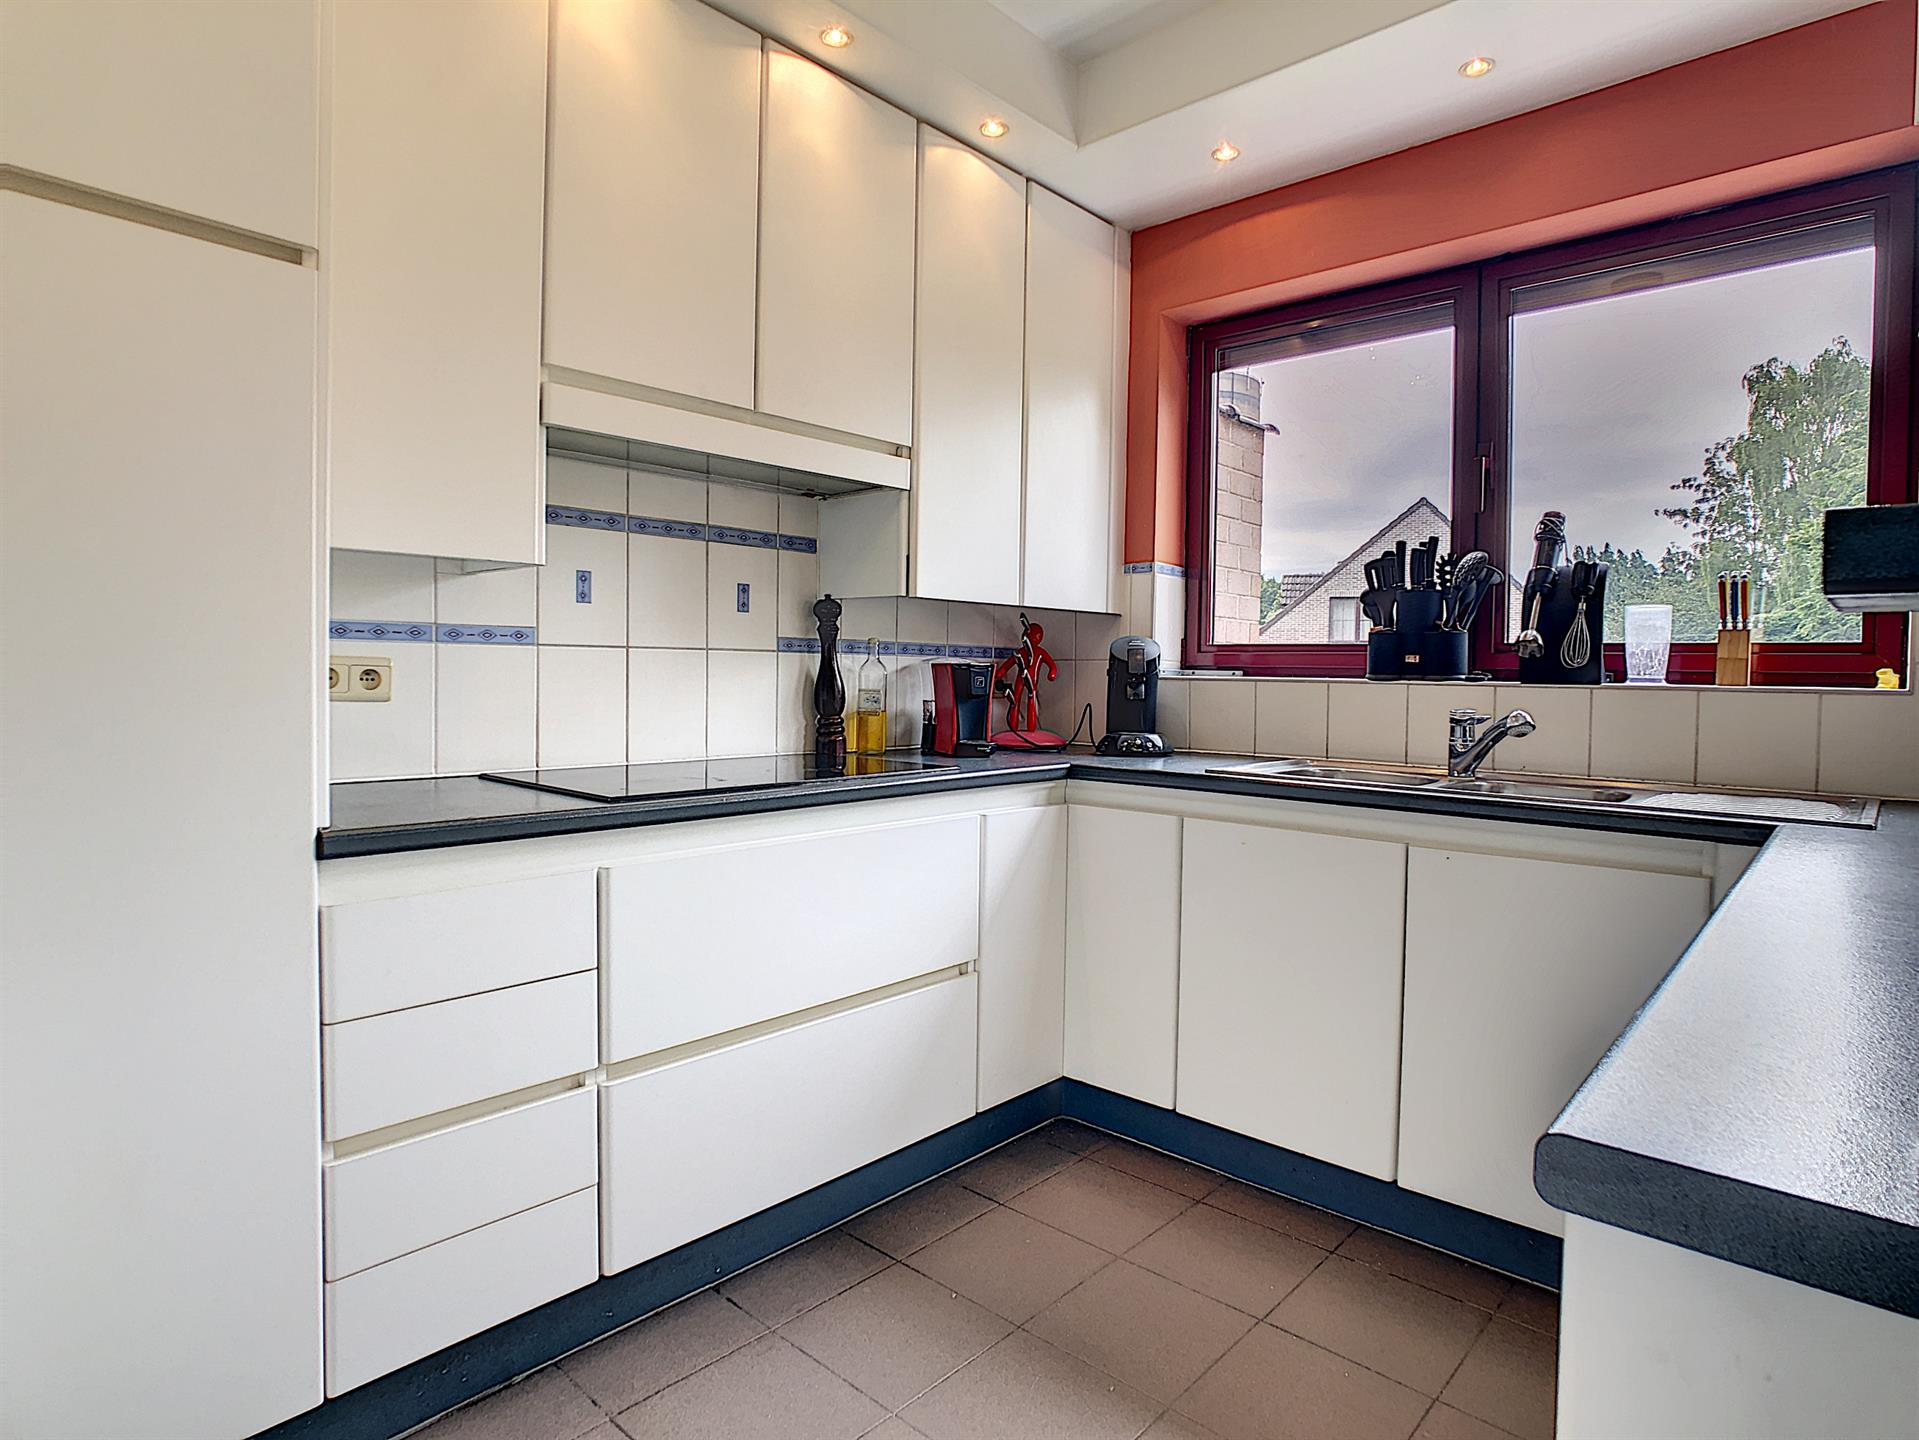 Bel-étage - Vilvoorde - #4419274-3